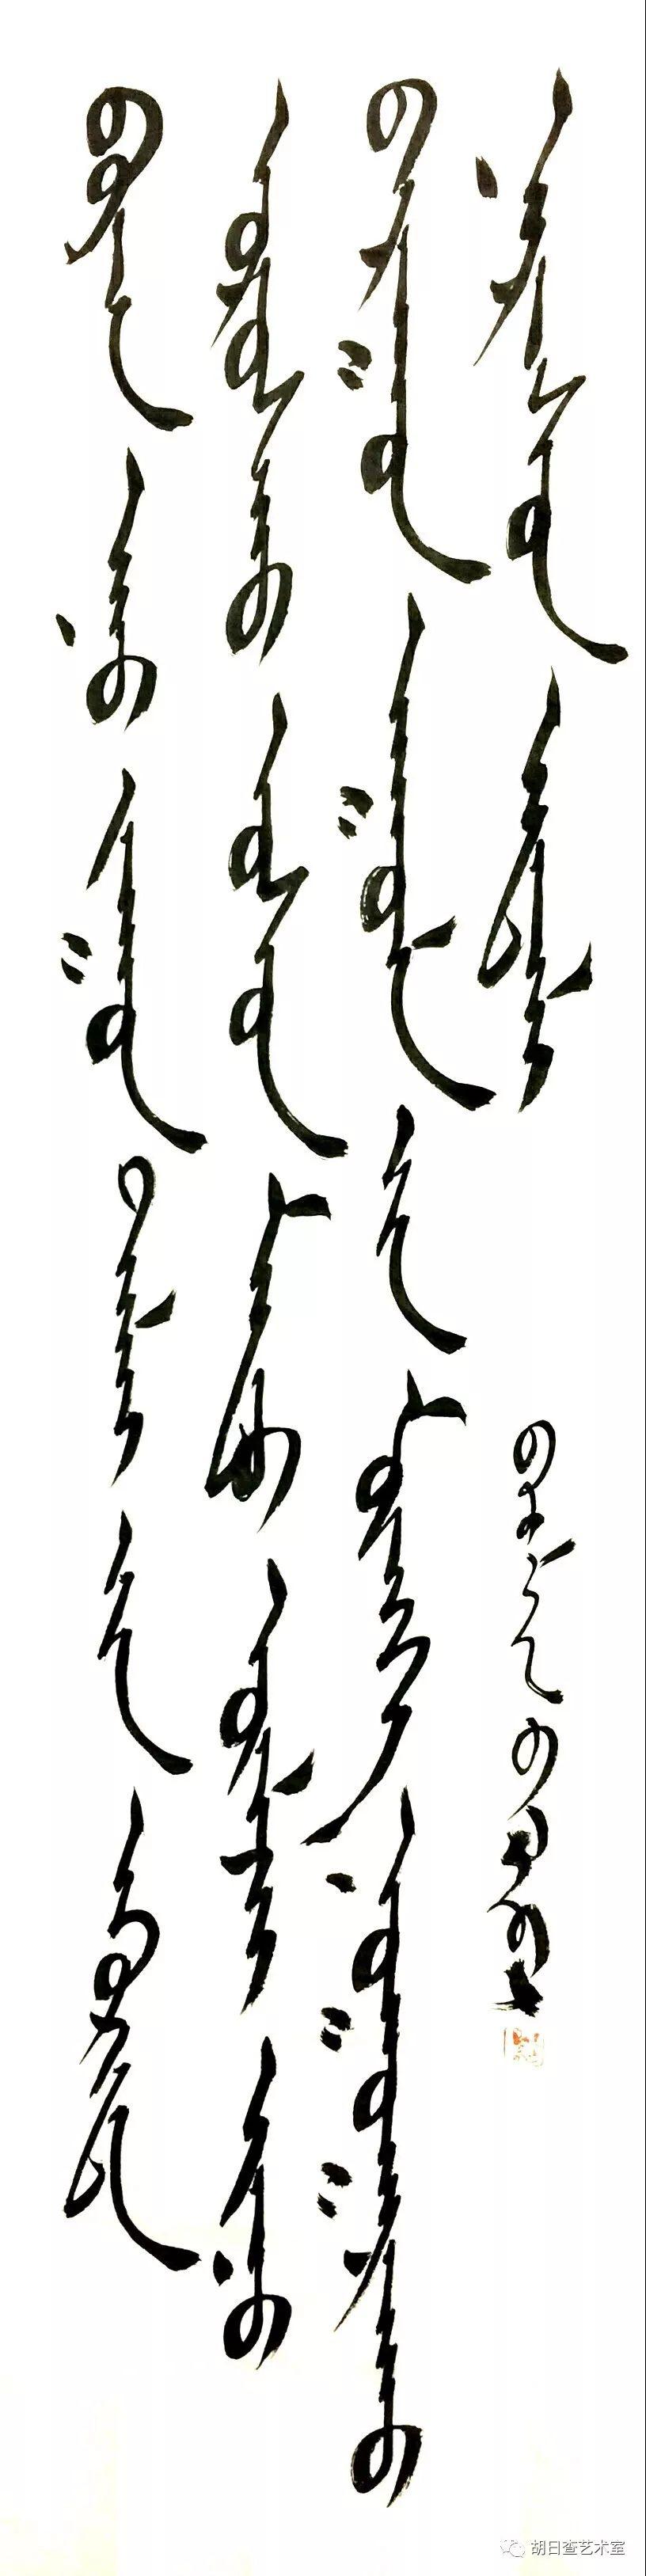 敖宝林 • 蒙古文书法作品欣赏 第12张